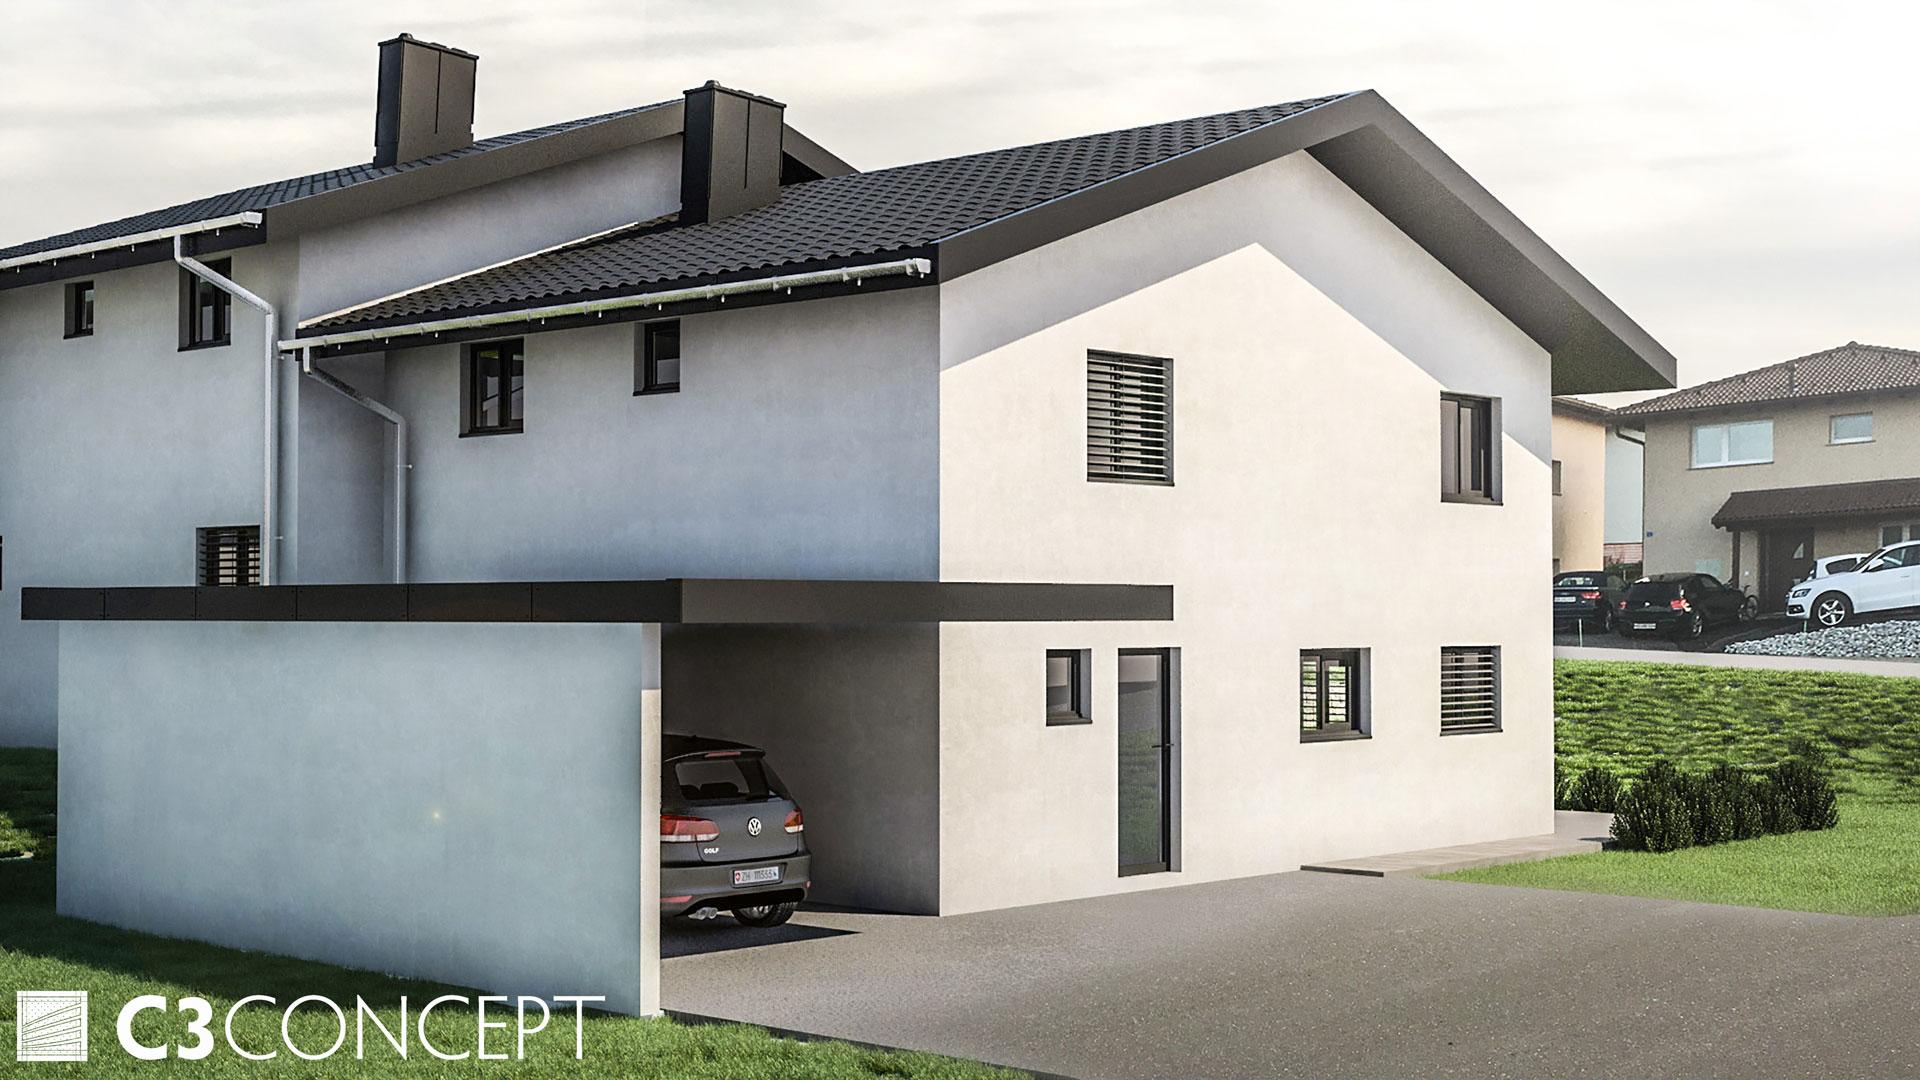 C3 Concept, visualisation 3D à Bulle. villas jumelées Vuisternens extérieur